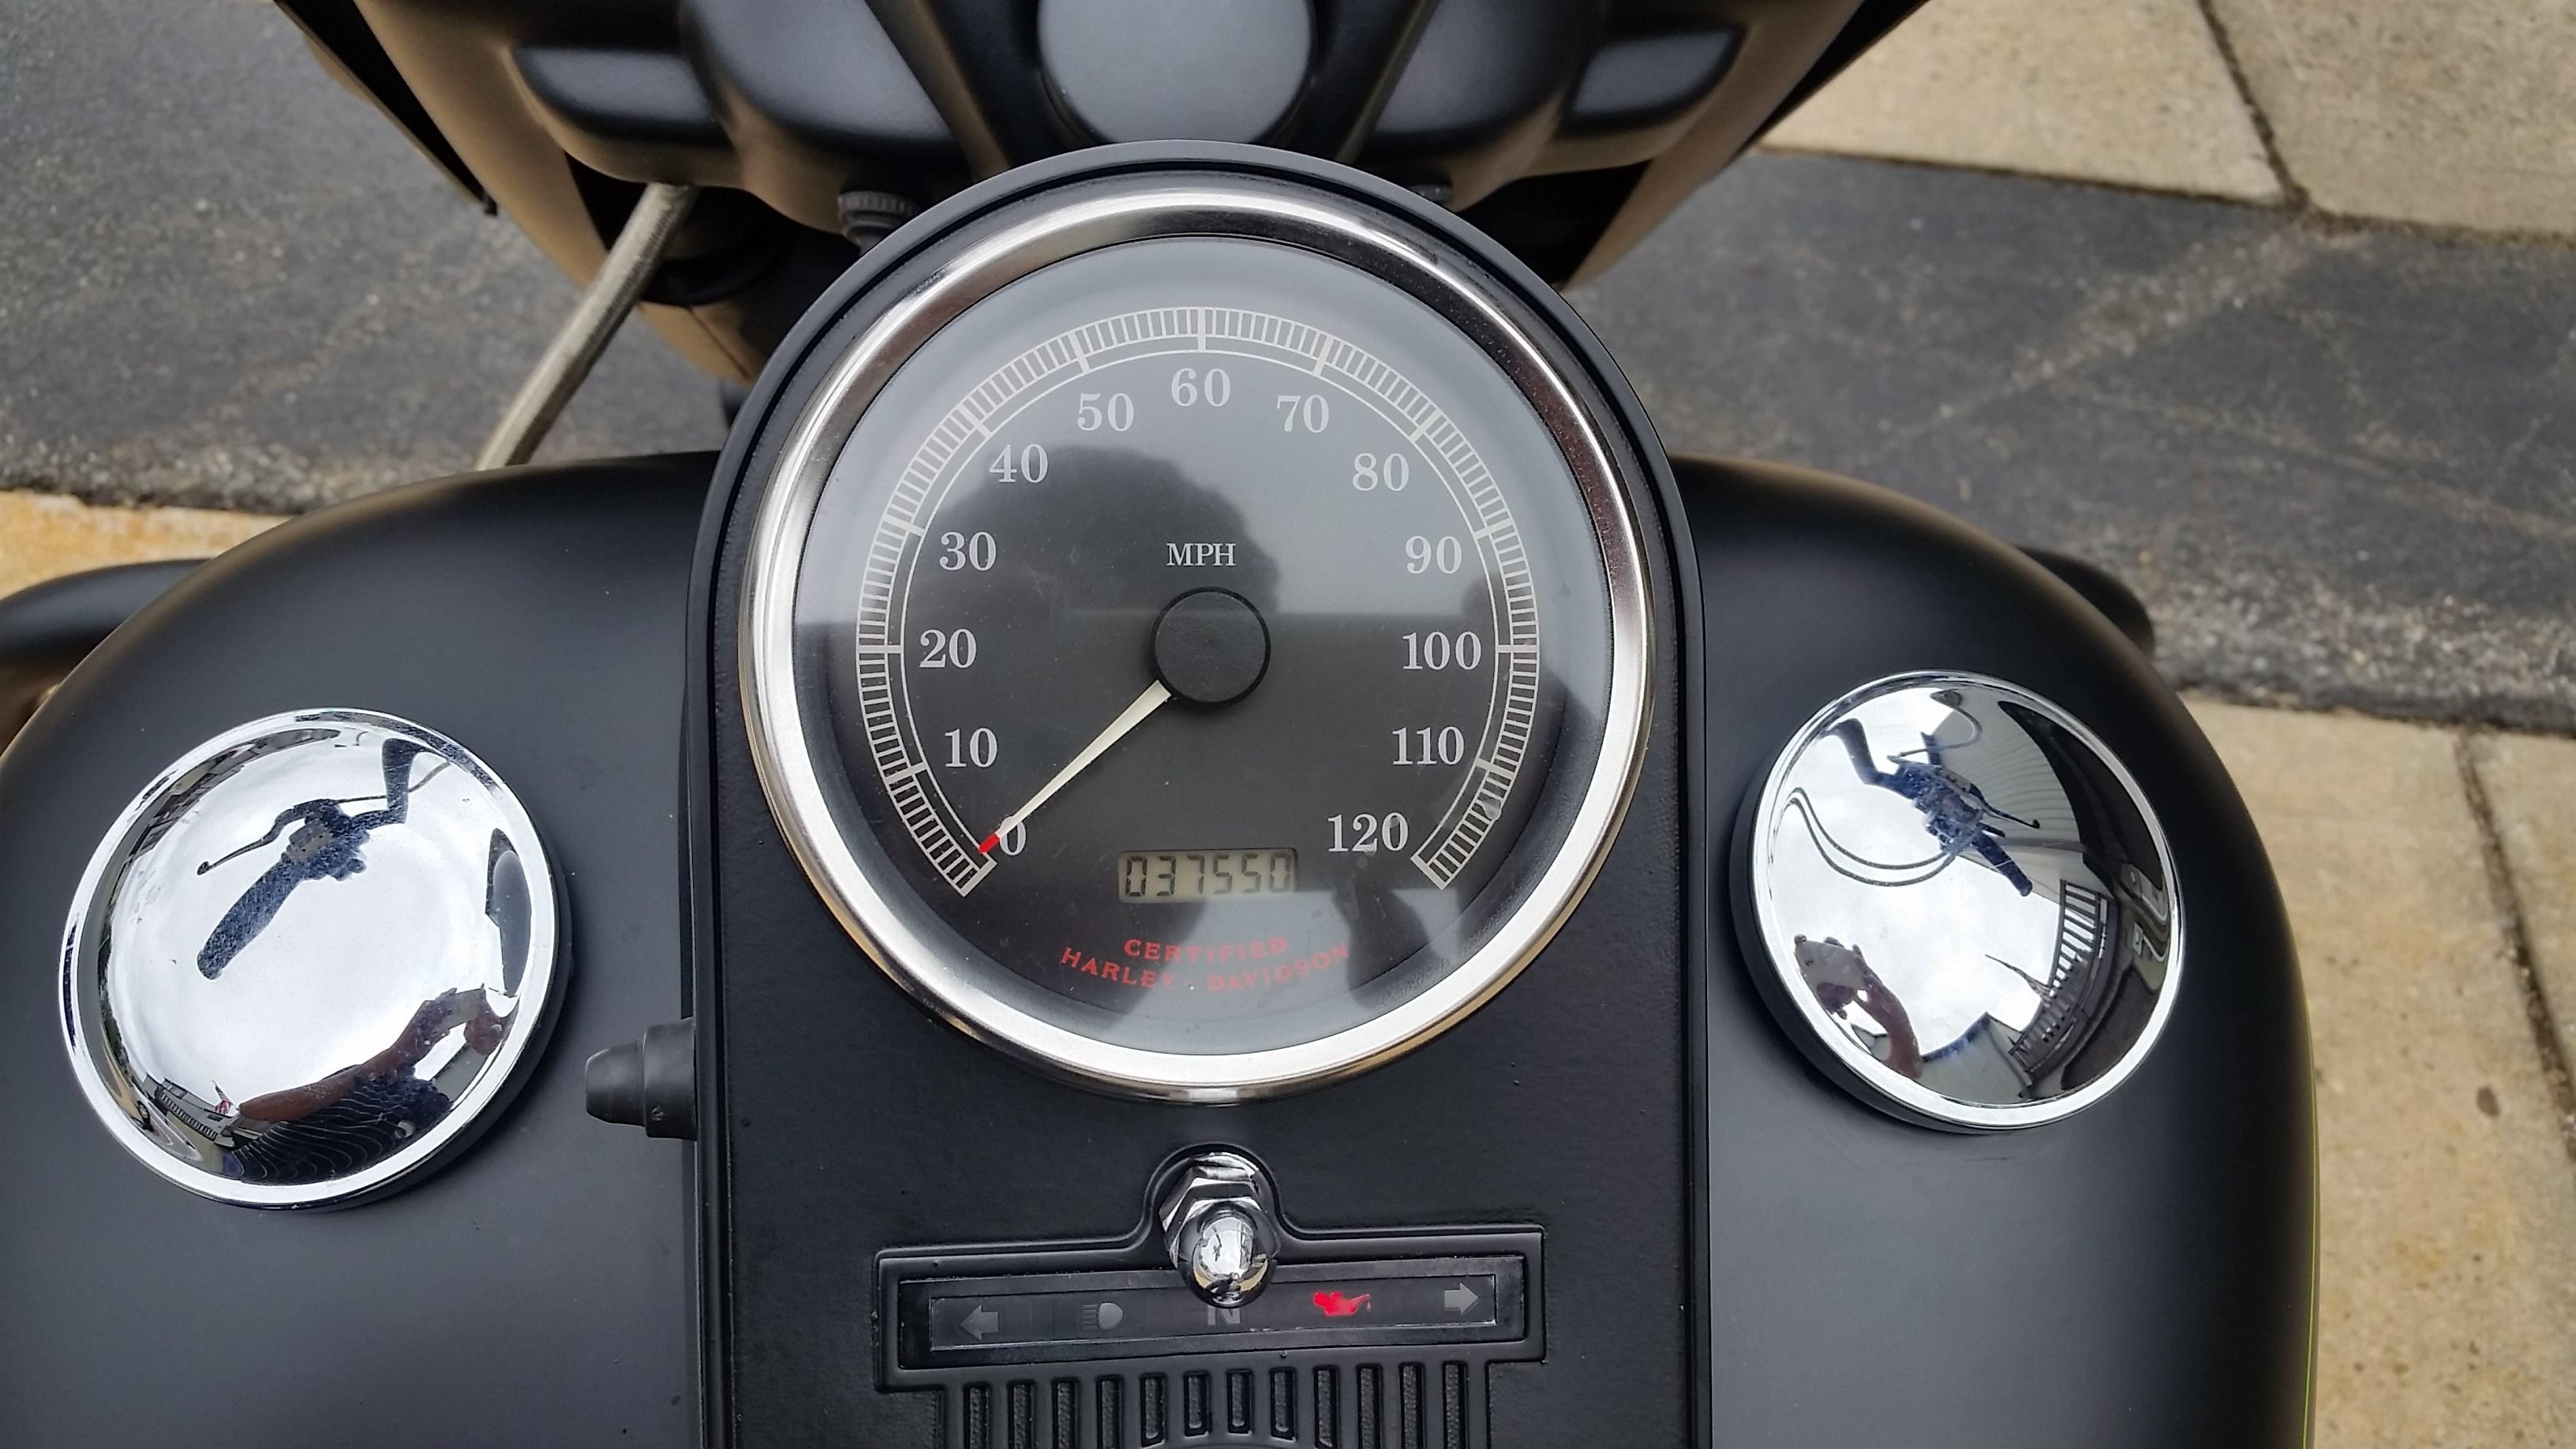 2001 Harley Davidson 174 Flhr I Road King 174 Black Old